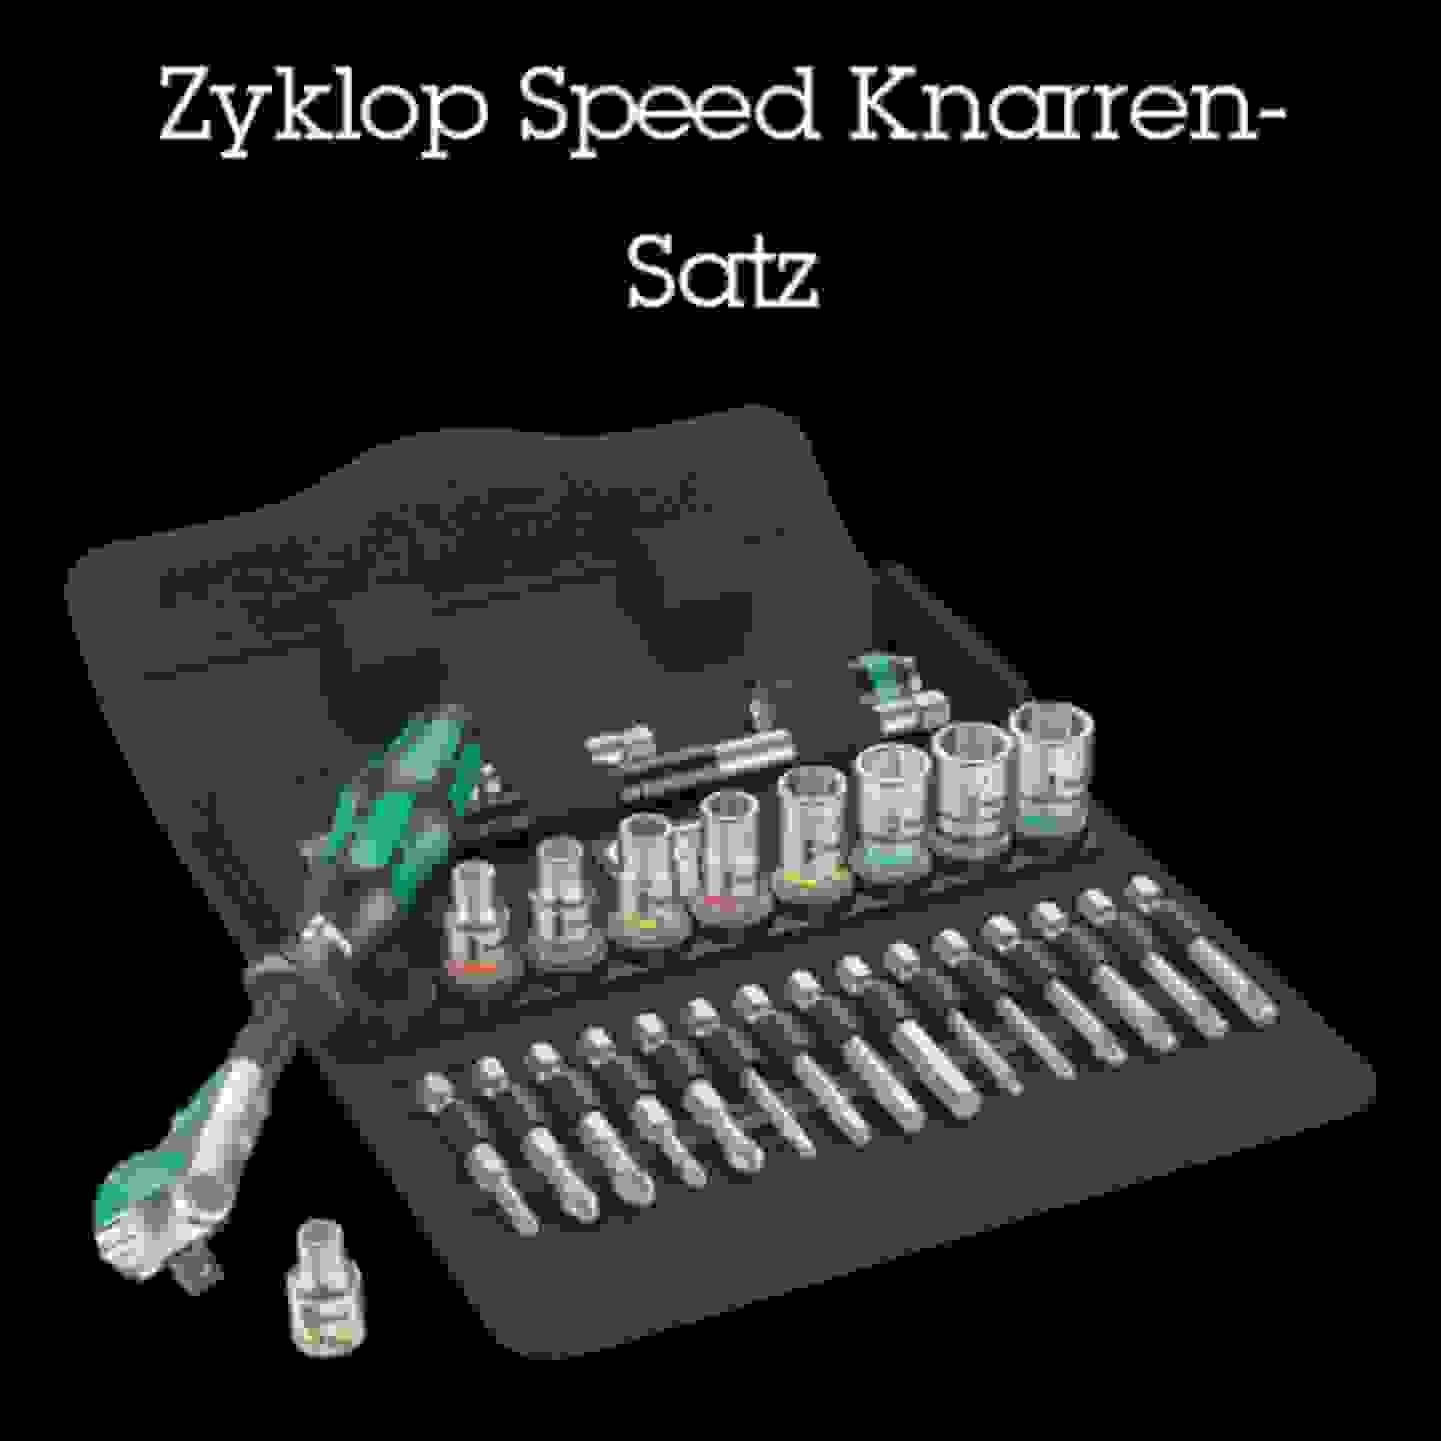 Zyklop Speed Knarren-Satz